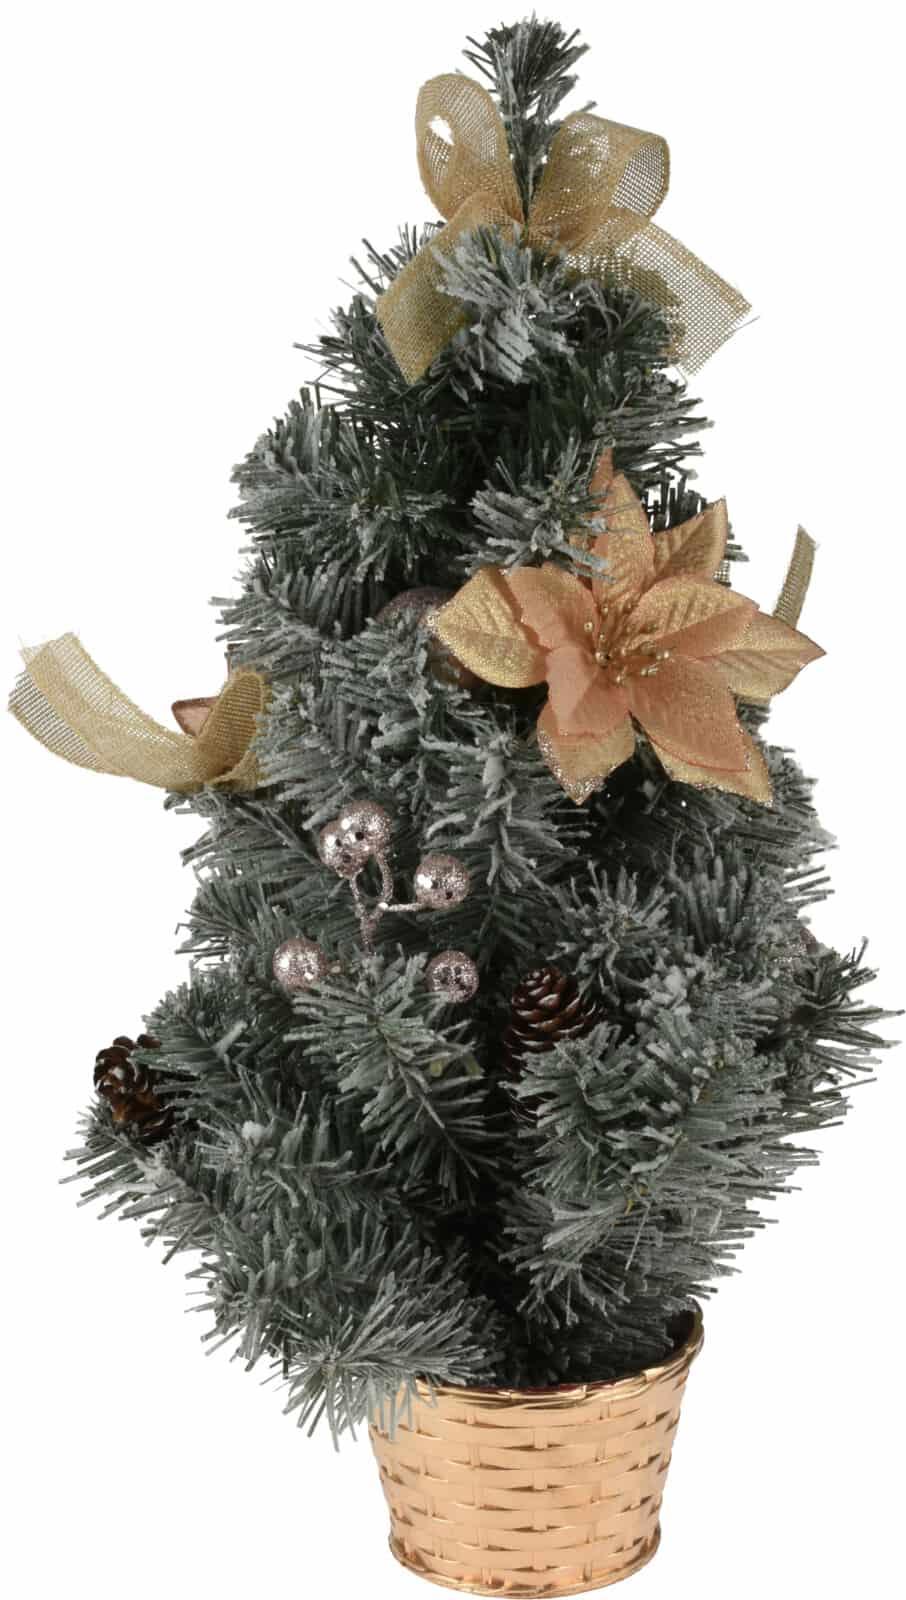 Besneeuwde Mini Kerstboom met decoratie 50 cm hoog - Goud